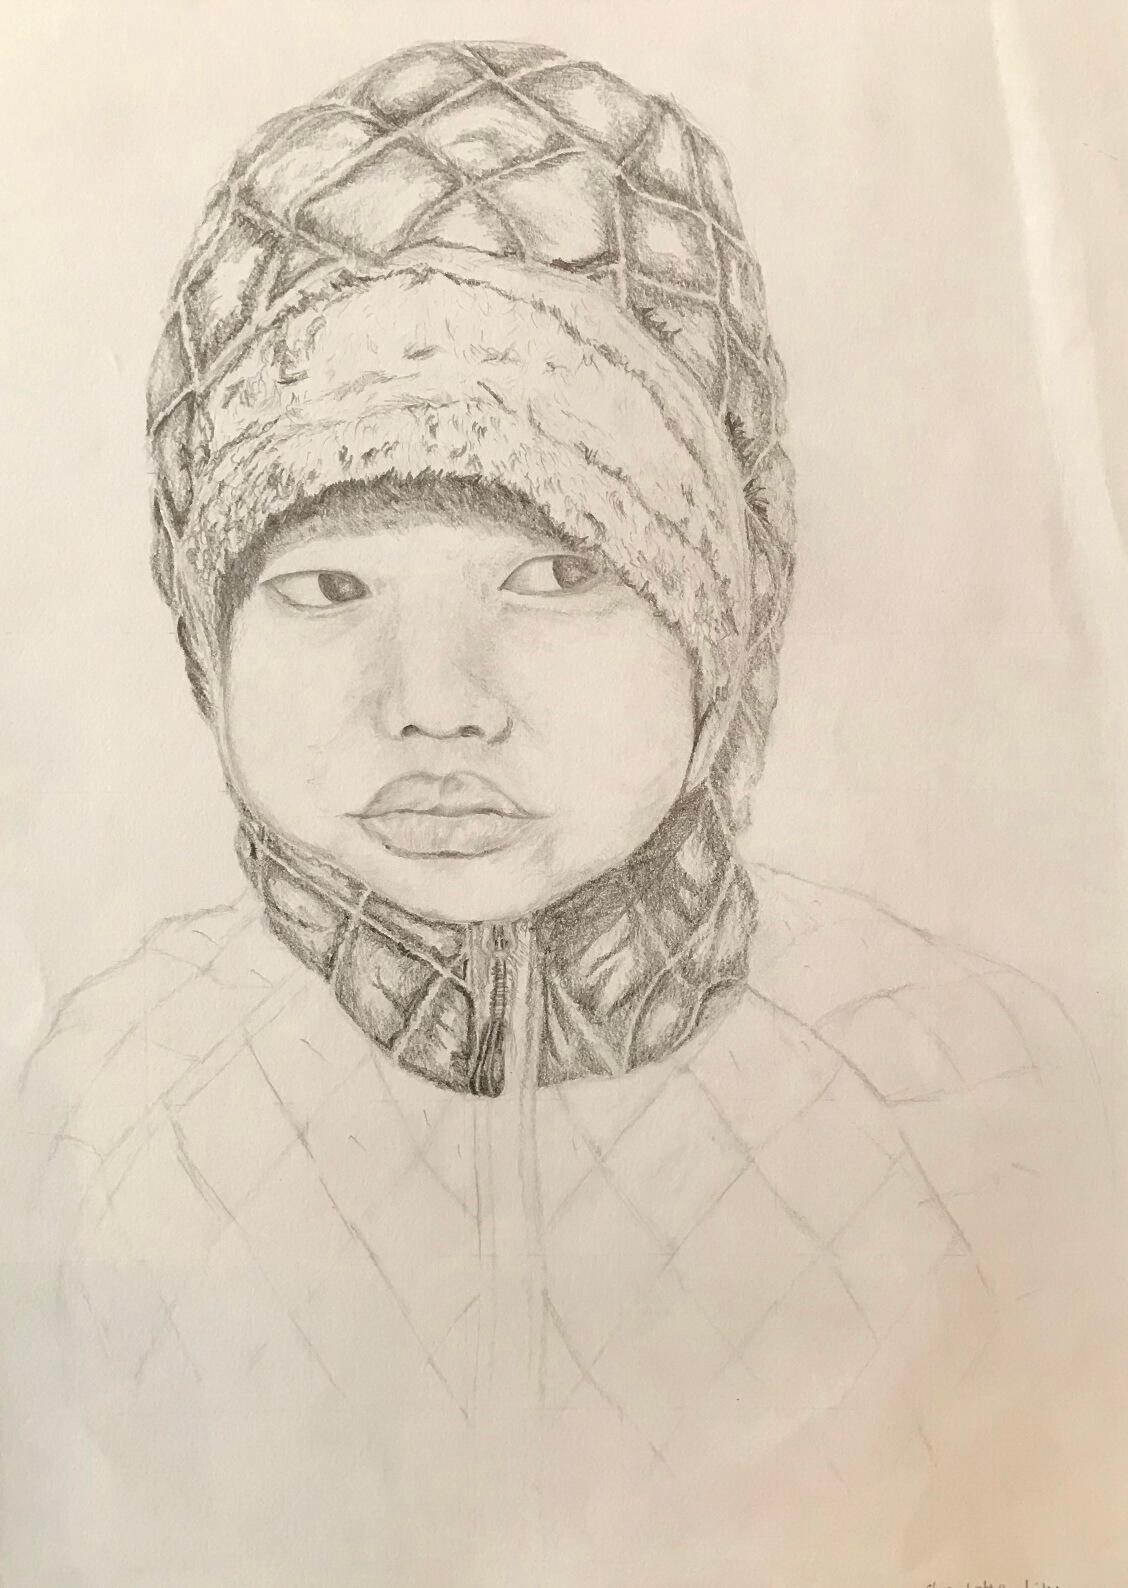 Pencil drawing portrait sketch class singapore